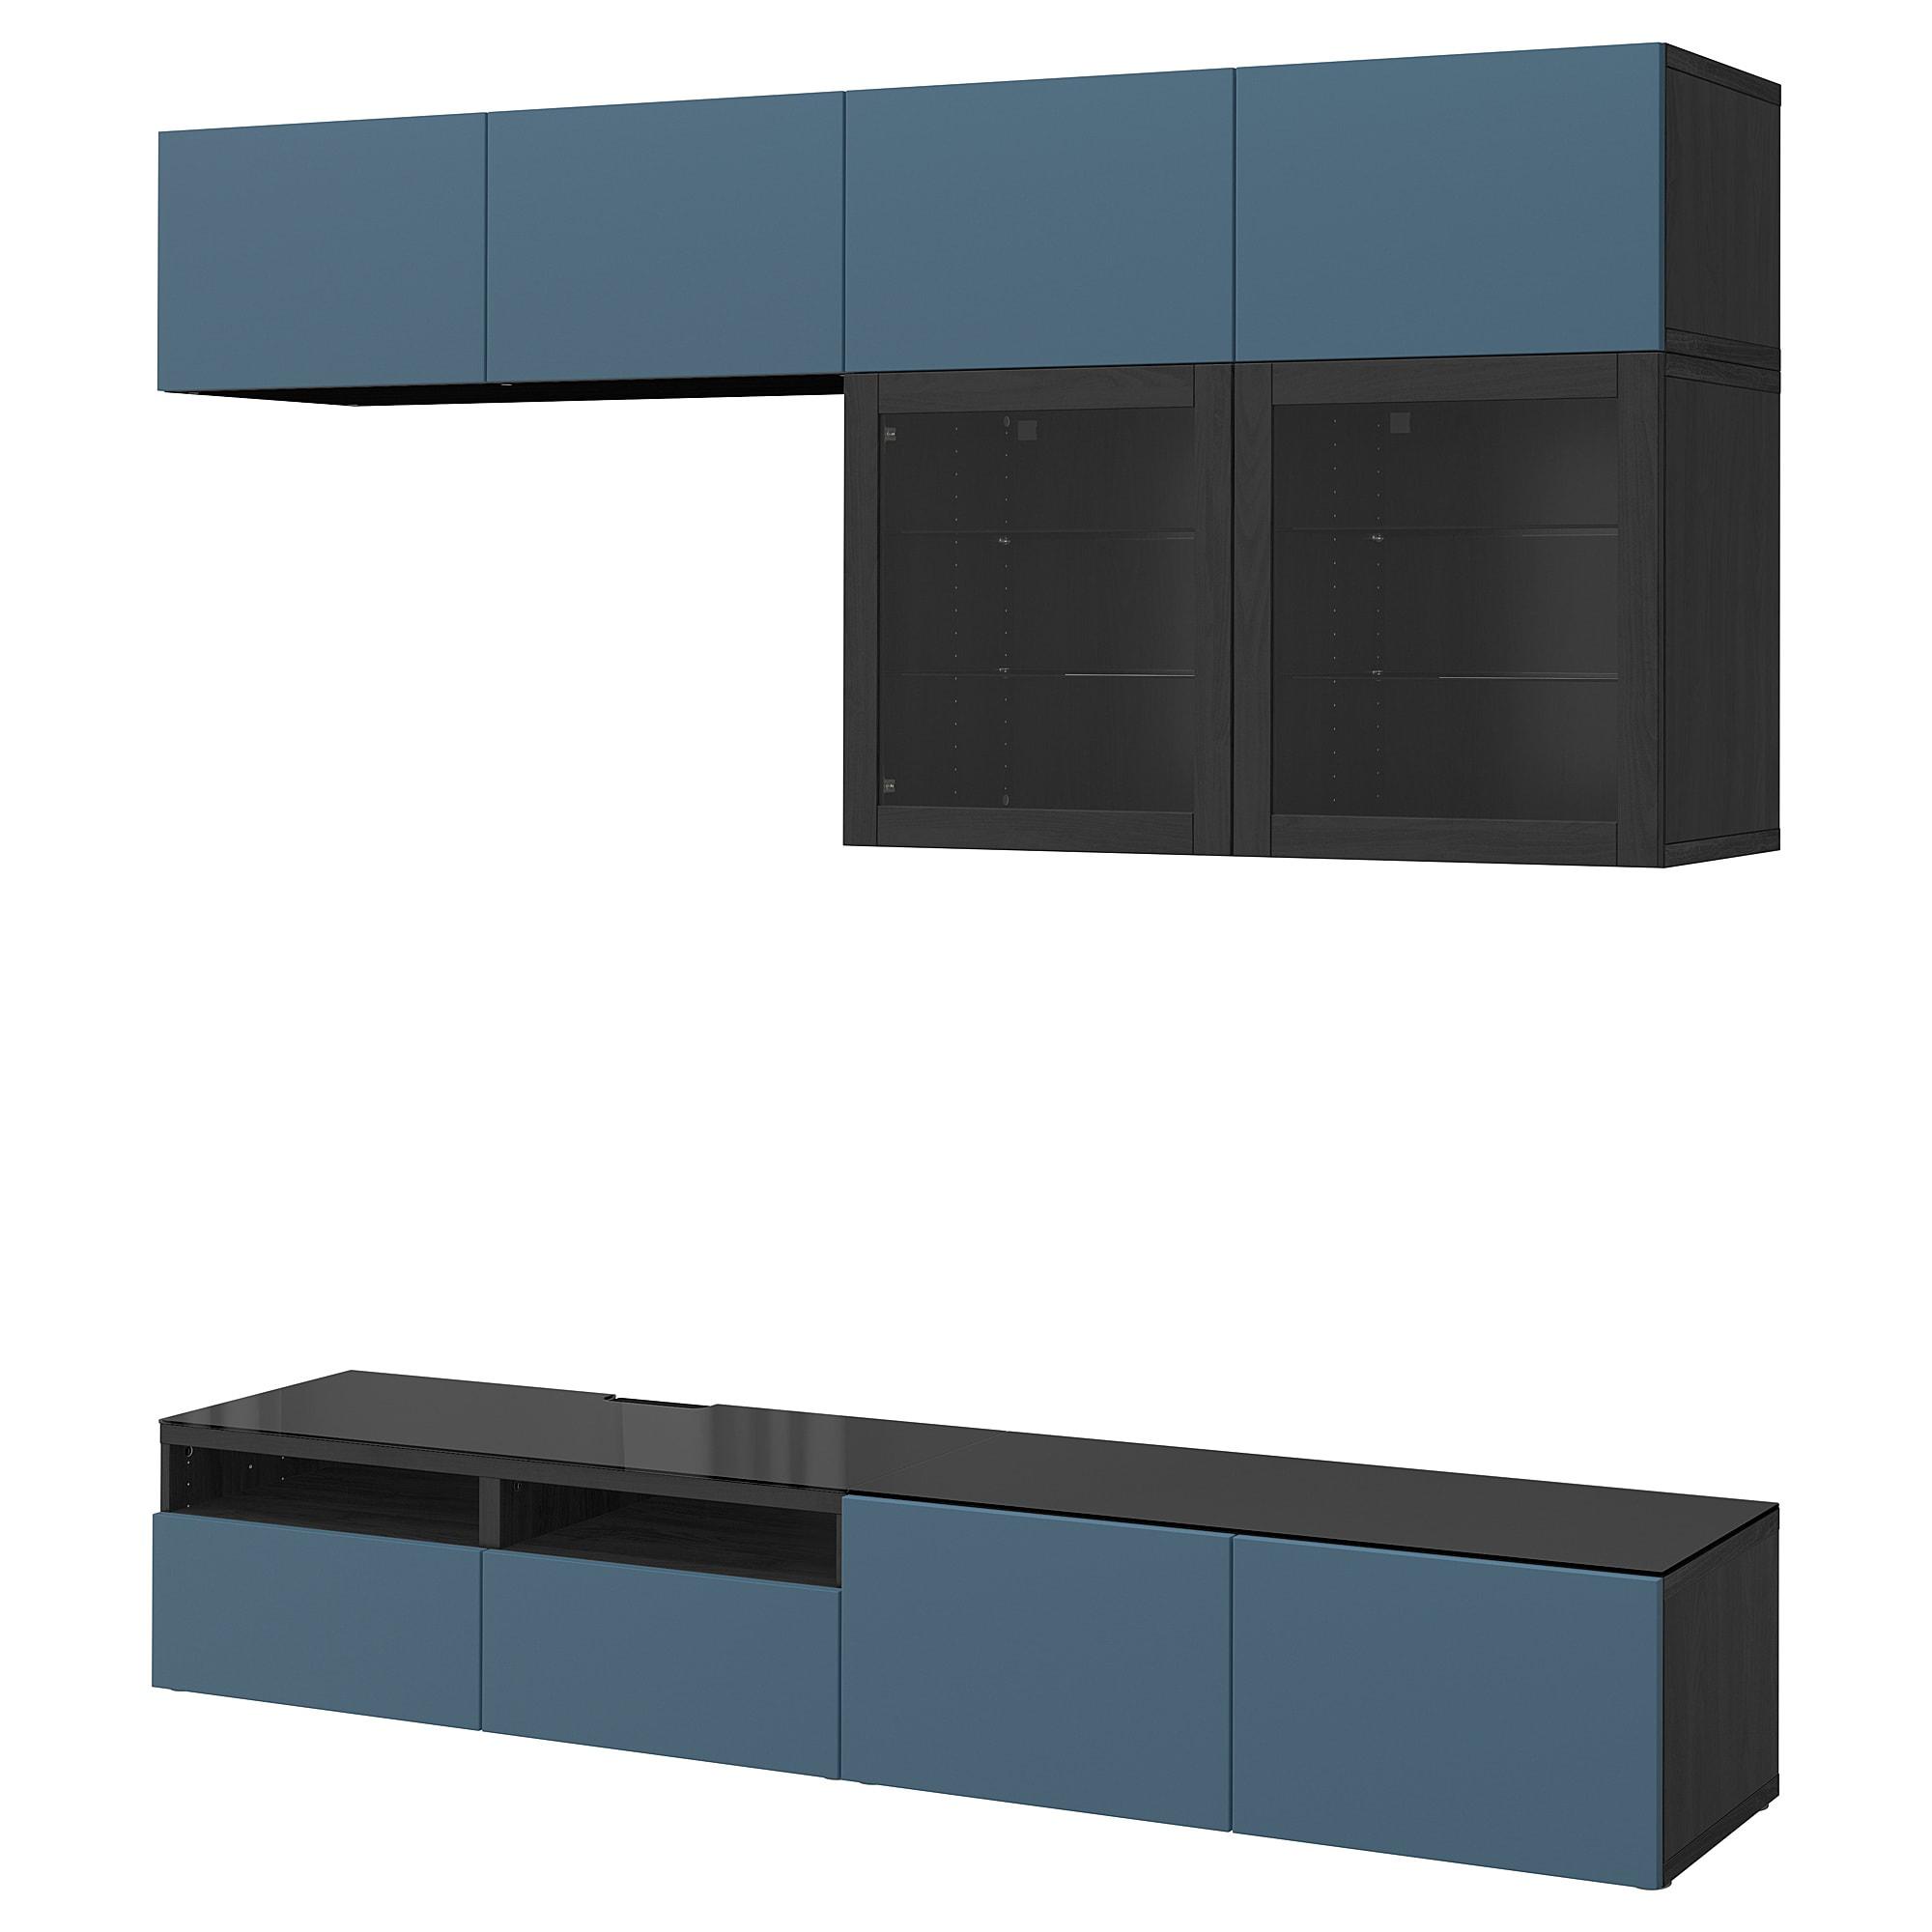 Шкаф для ТВ, комбинированный, стекляные дверцы БЕСТО артикуль № 692.453.59 в наличии. Интернет каталог IKEA Минск. Недорогая доставка и монтаж.